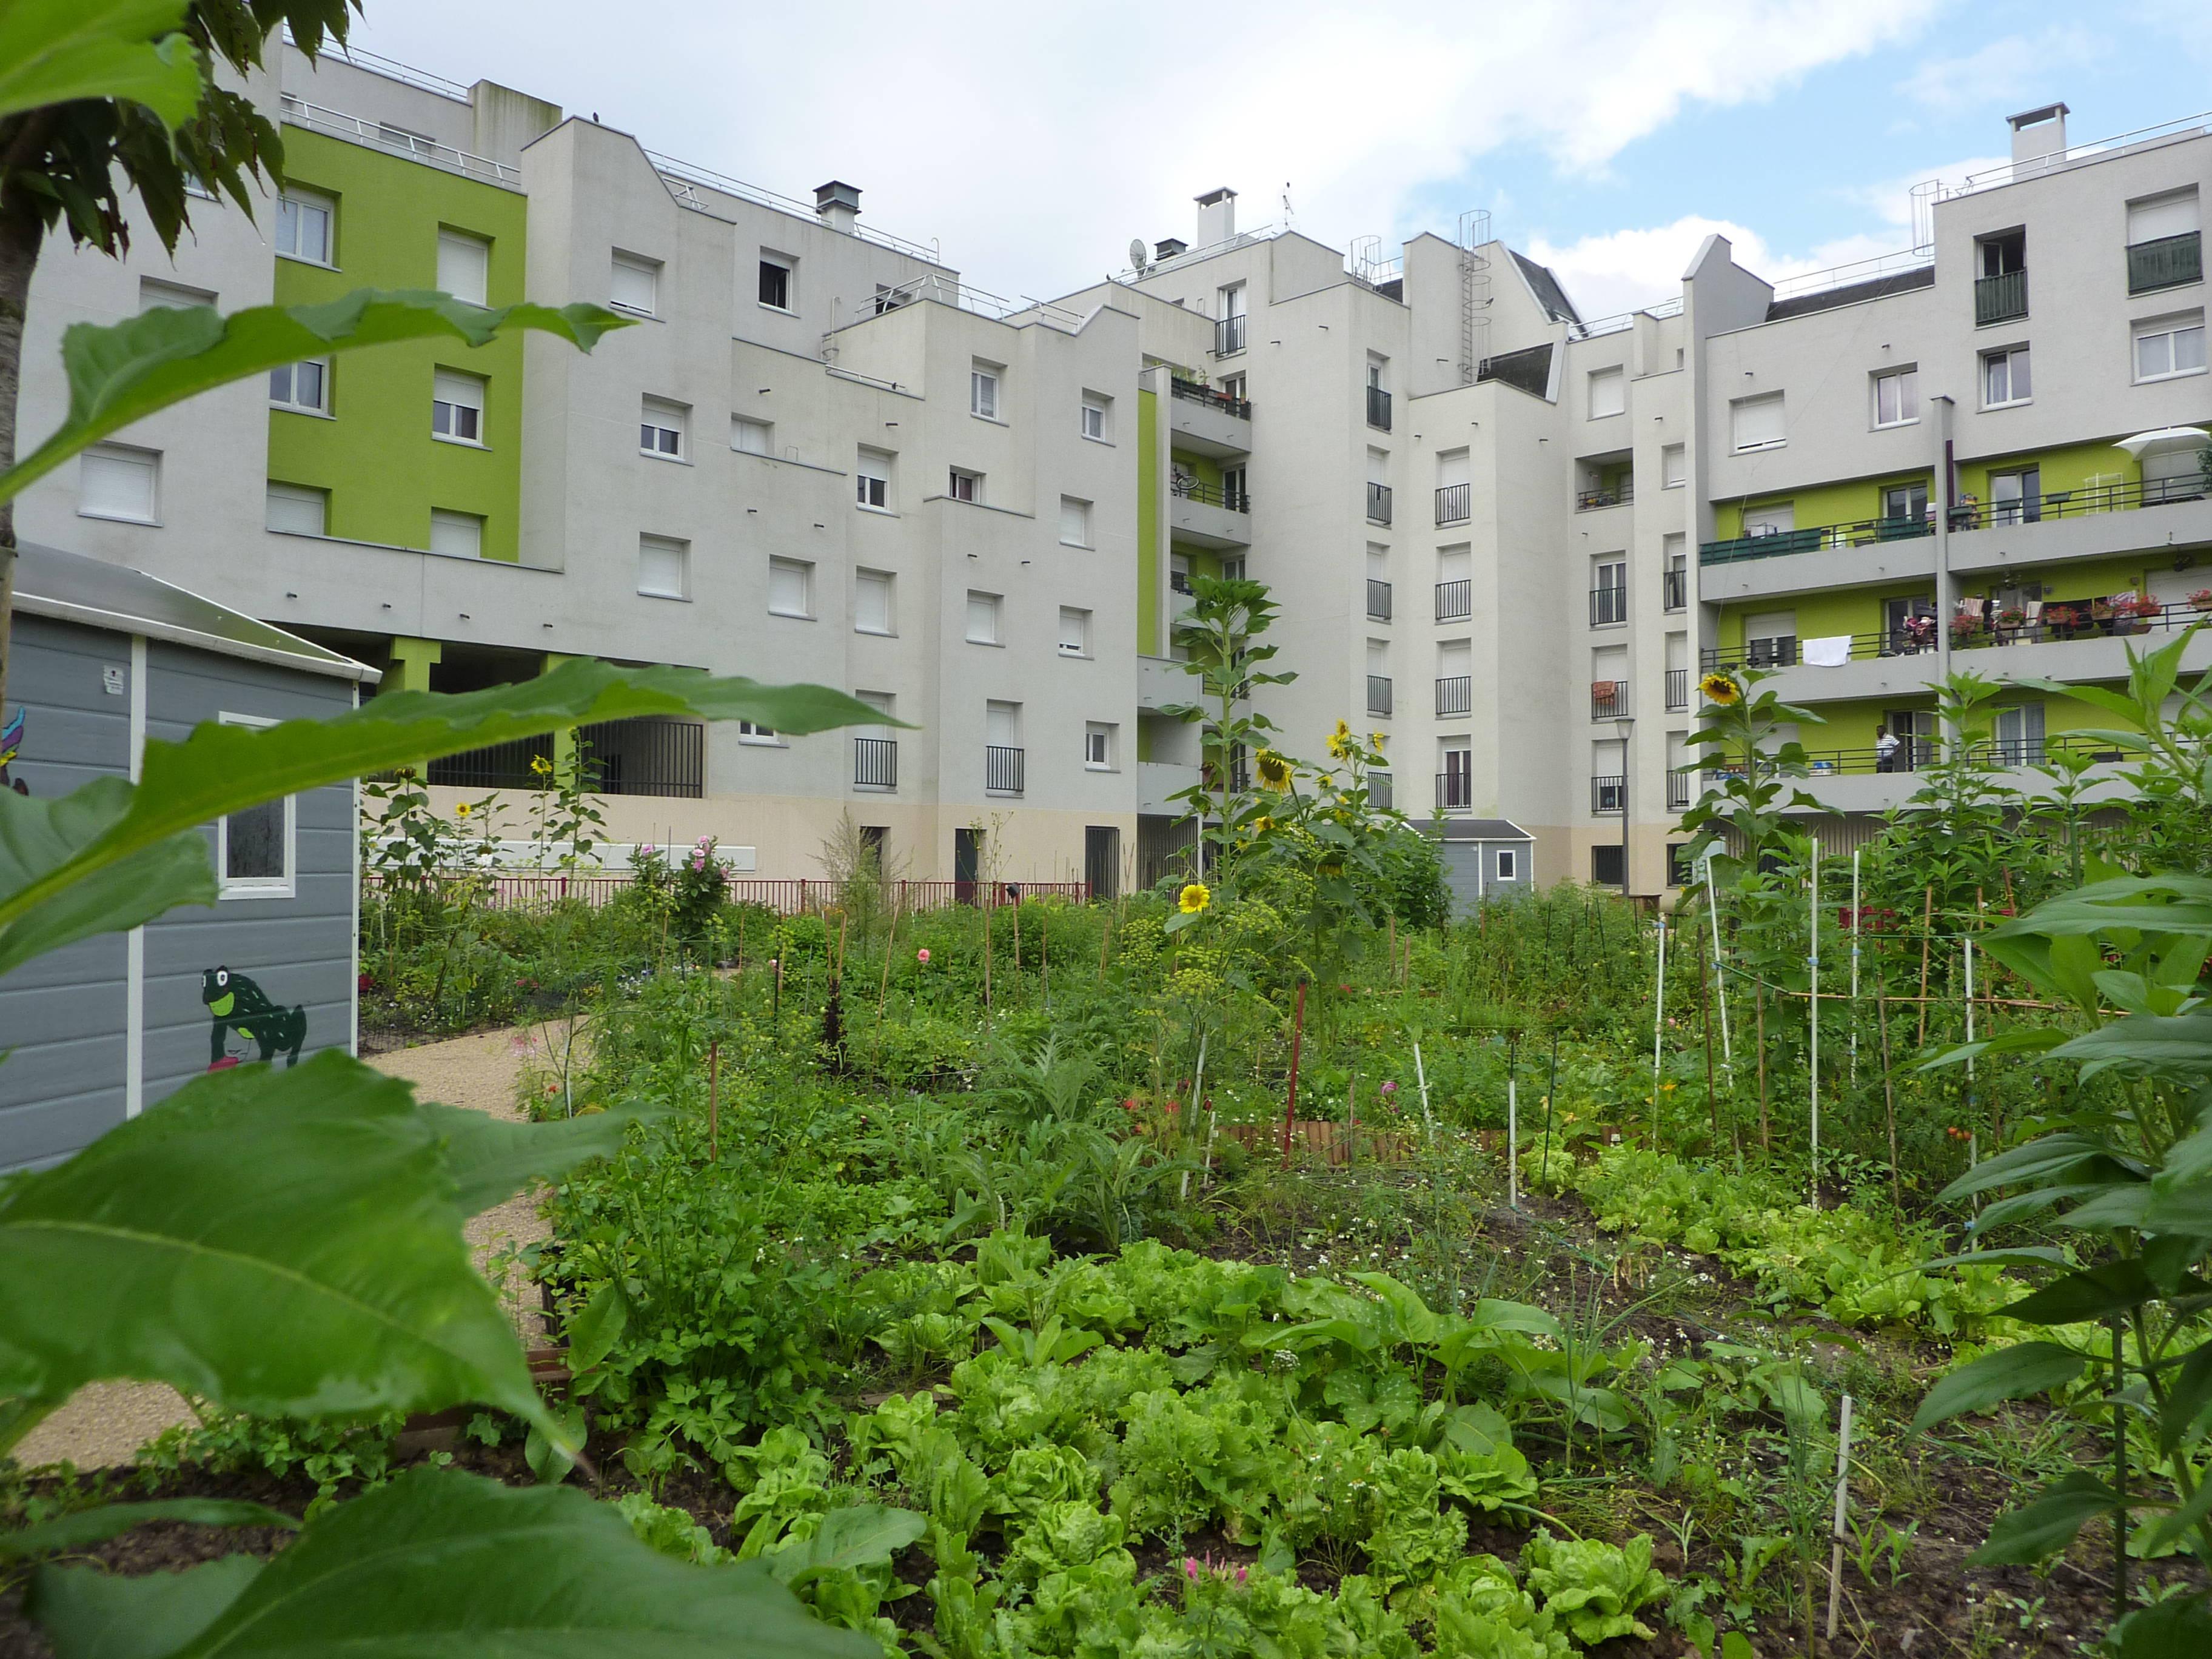 Le jardin partag du quartier du gros saule aulnay sous - Mobilier jardin but aulnay sous bois ...